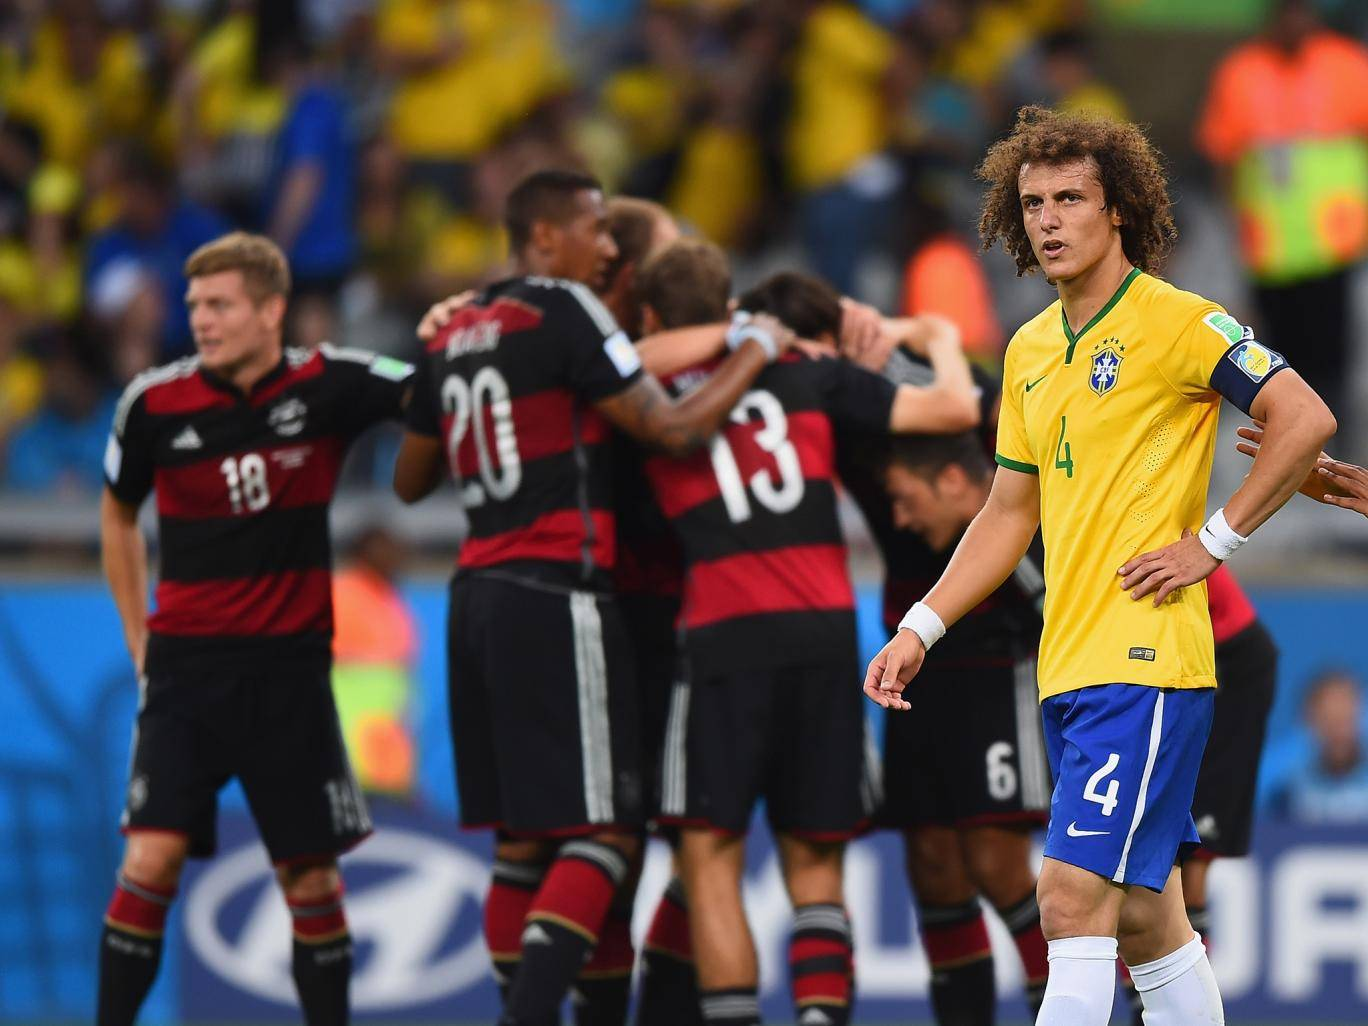 Απογοητευμένος ο David Luiz μετά από γκολ της Γερμανίας